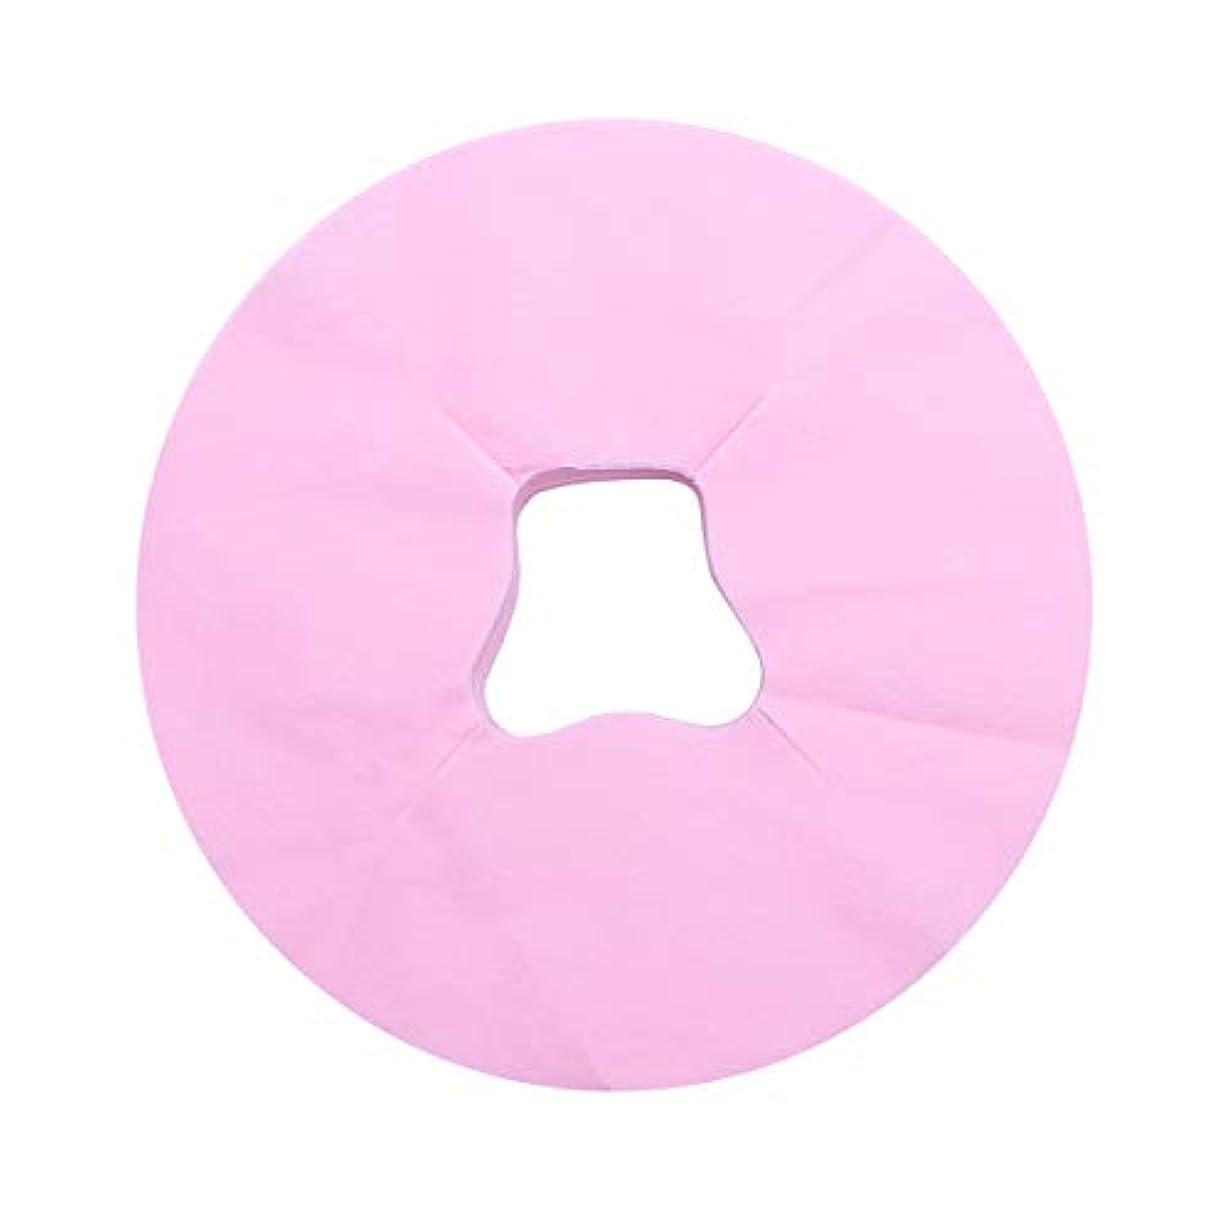 バルーンブートハーネスHealifty 100シートマッサージフェイスピローカバー使い捨てフェイスカバーパッドフェイスホールピローフェイシャルベッドサロンスパヘッドレストピローシート(ピンク)